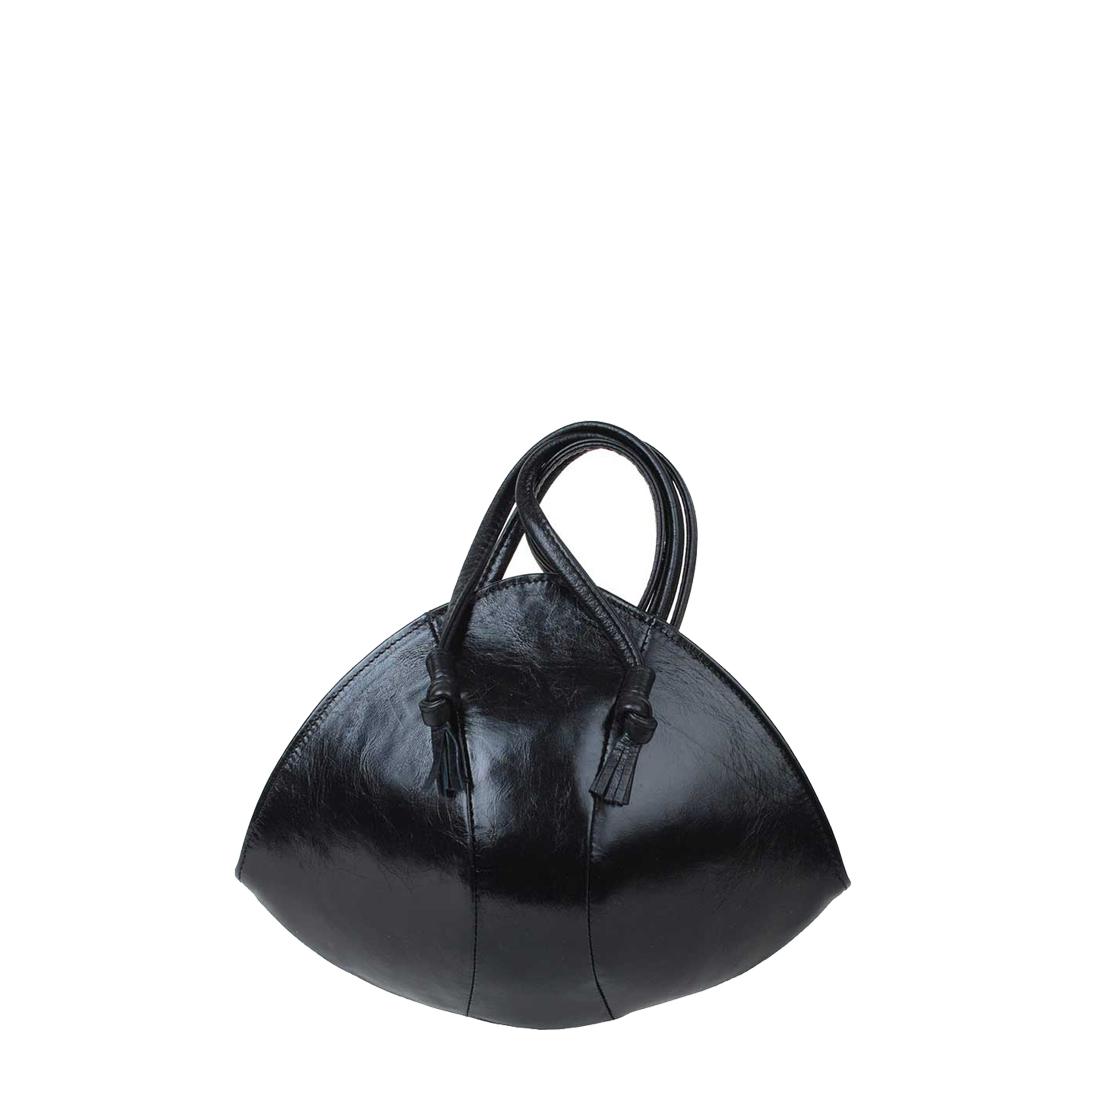 Bulb Black Leather Evening Shoulder Bag